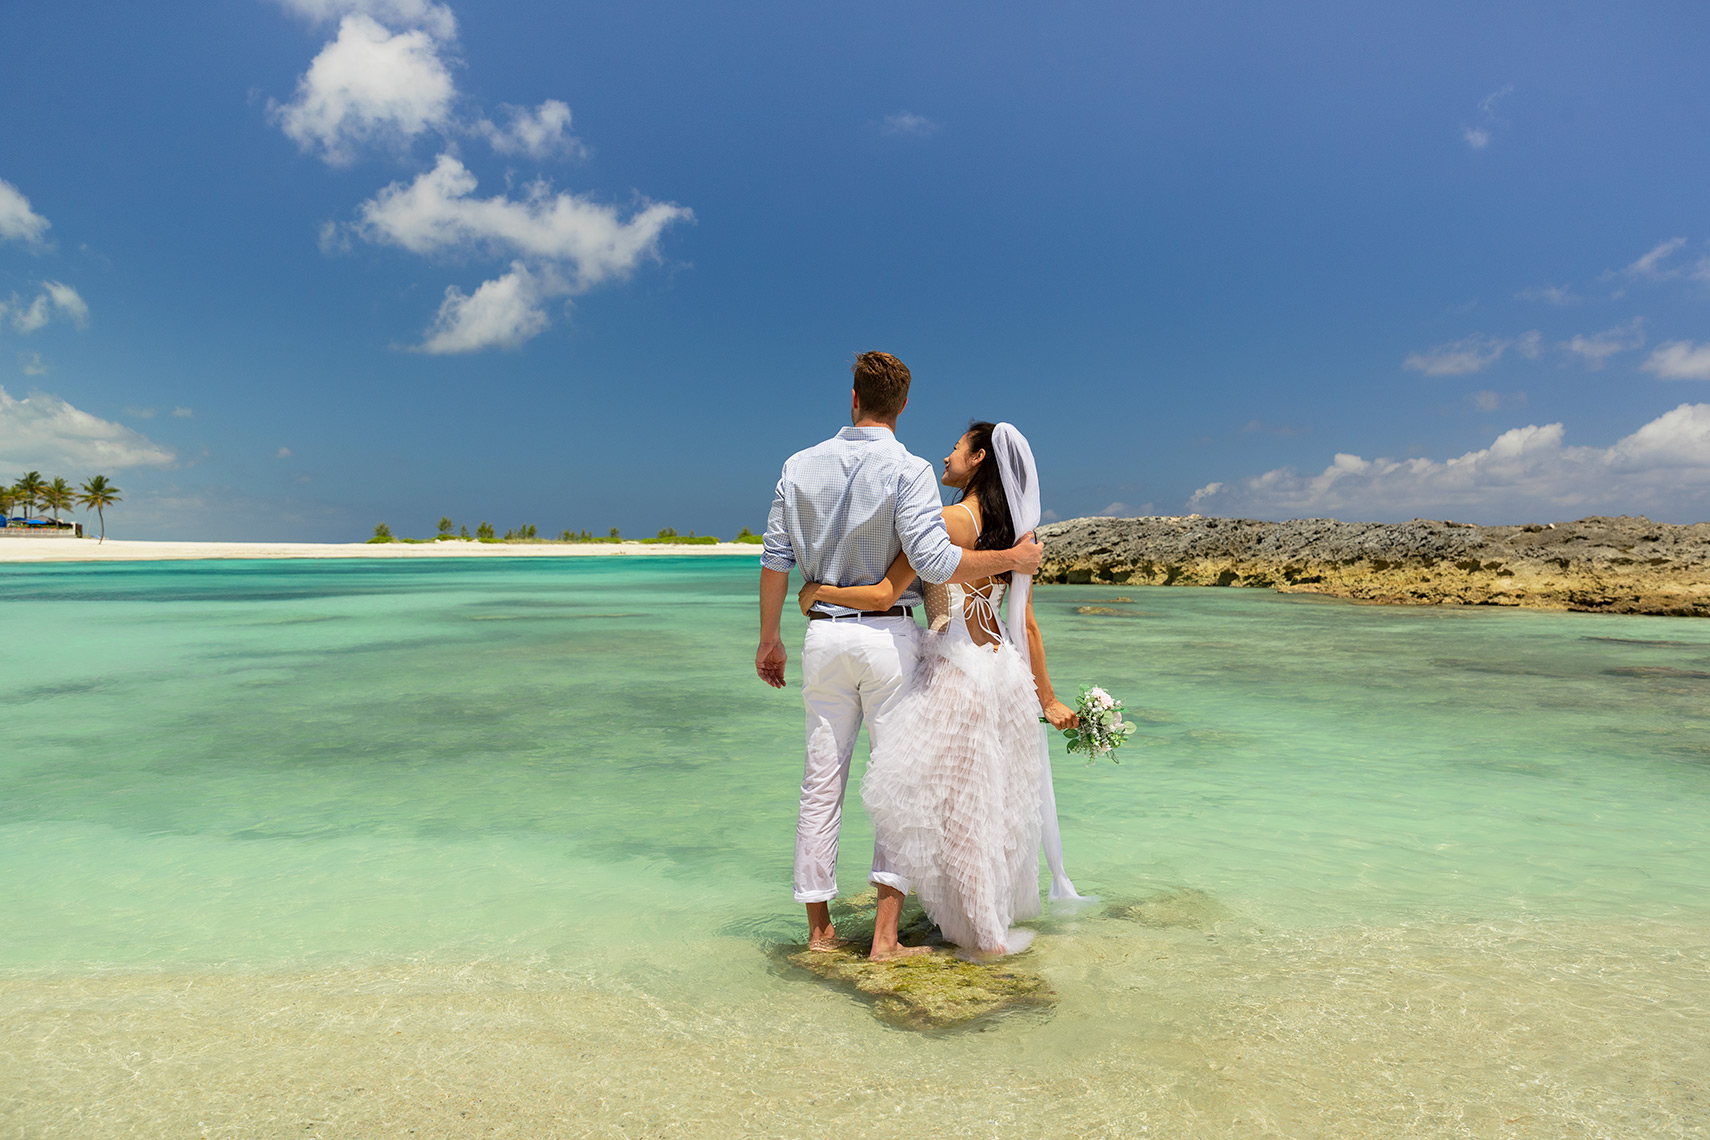 wedding at Atlantis Paradise Island destination wedding ideas in the bahamas bathing suit wedding dress